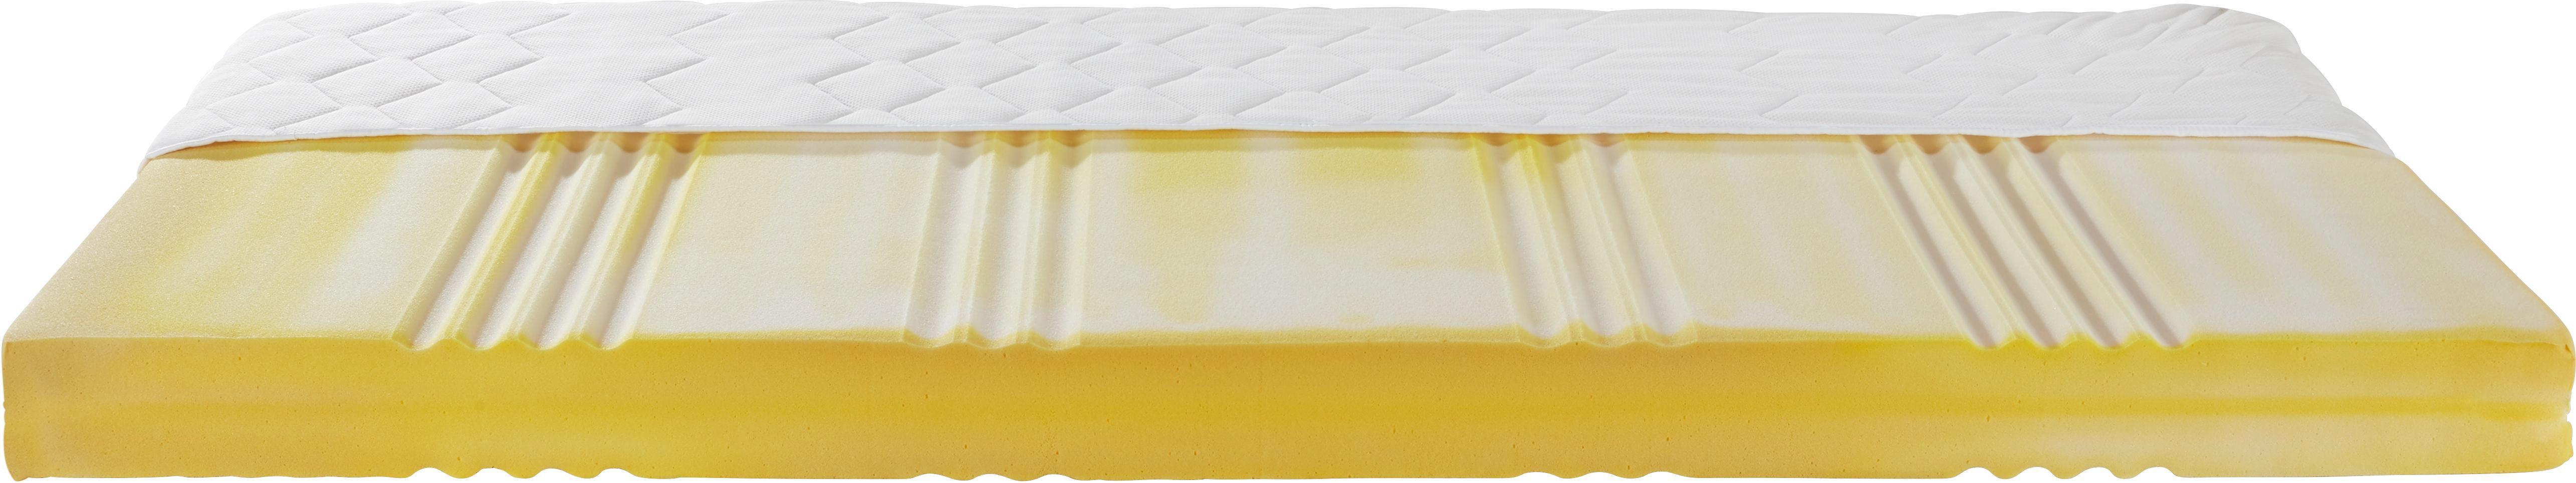 Kaltschaummatratze ca. 80x200cm - Textil (200/80/14cm) - NADANA